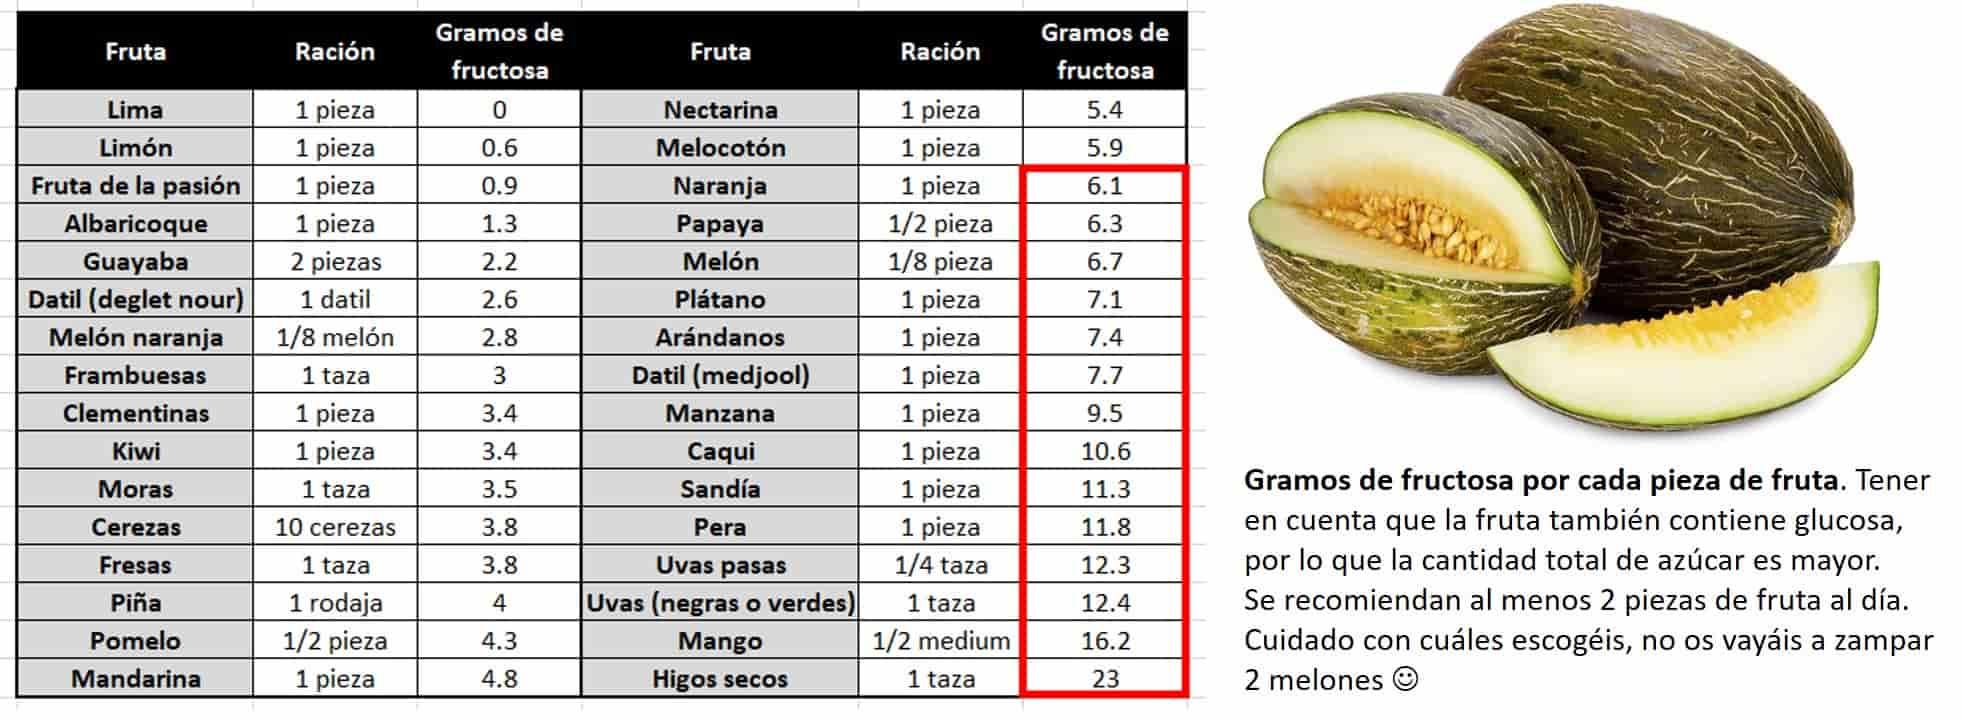 tabla cantidad de fructosa en las frutas